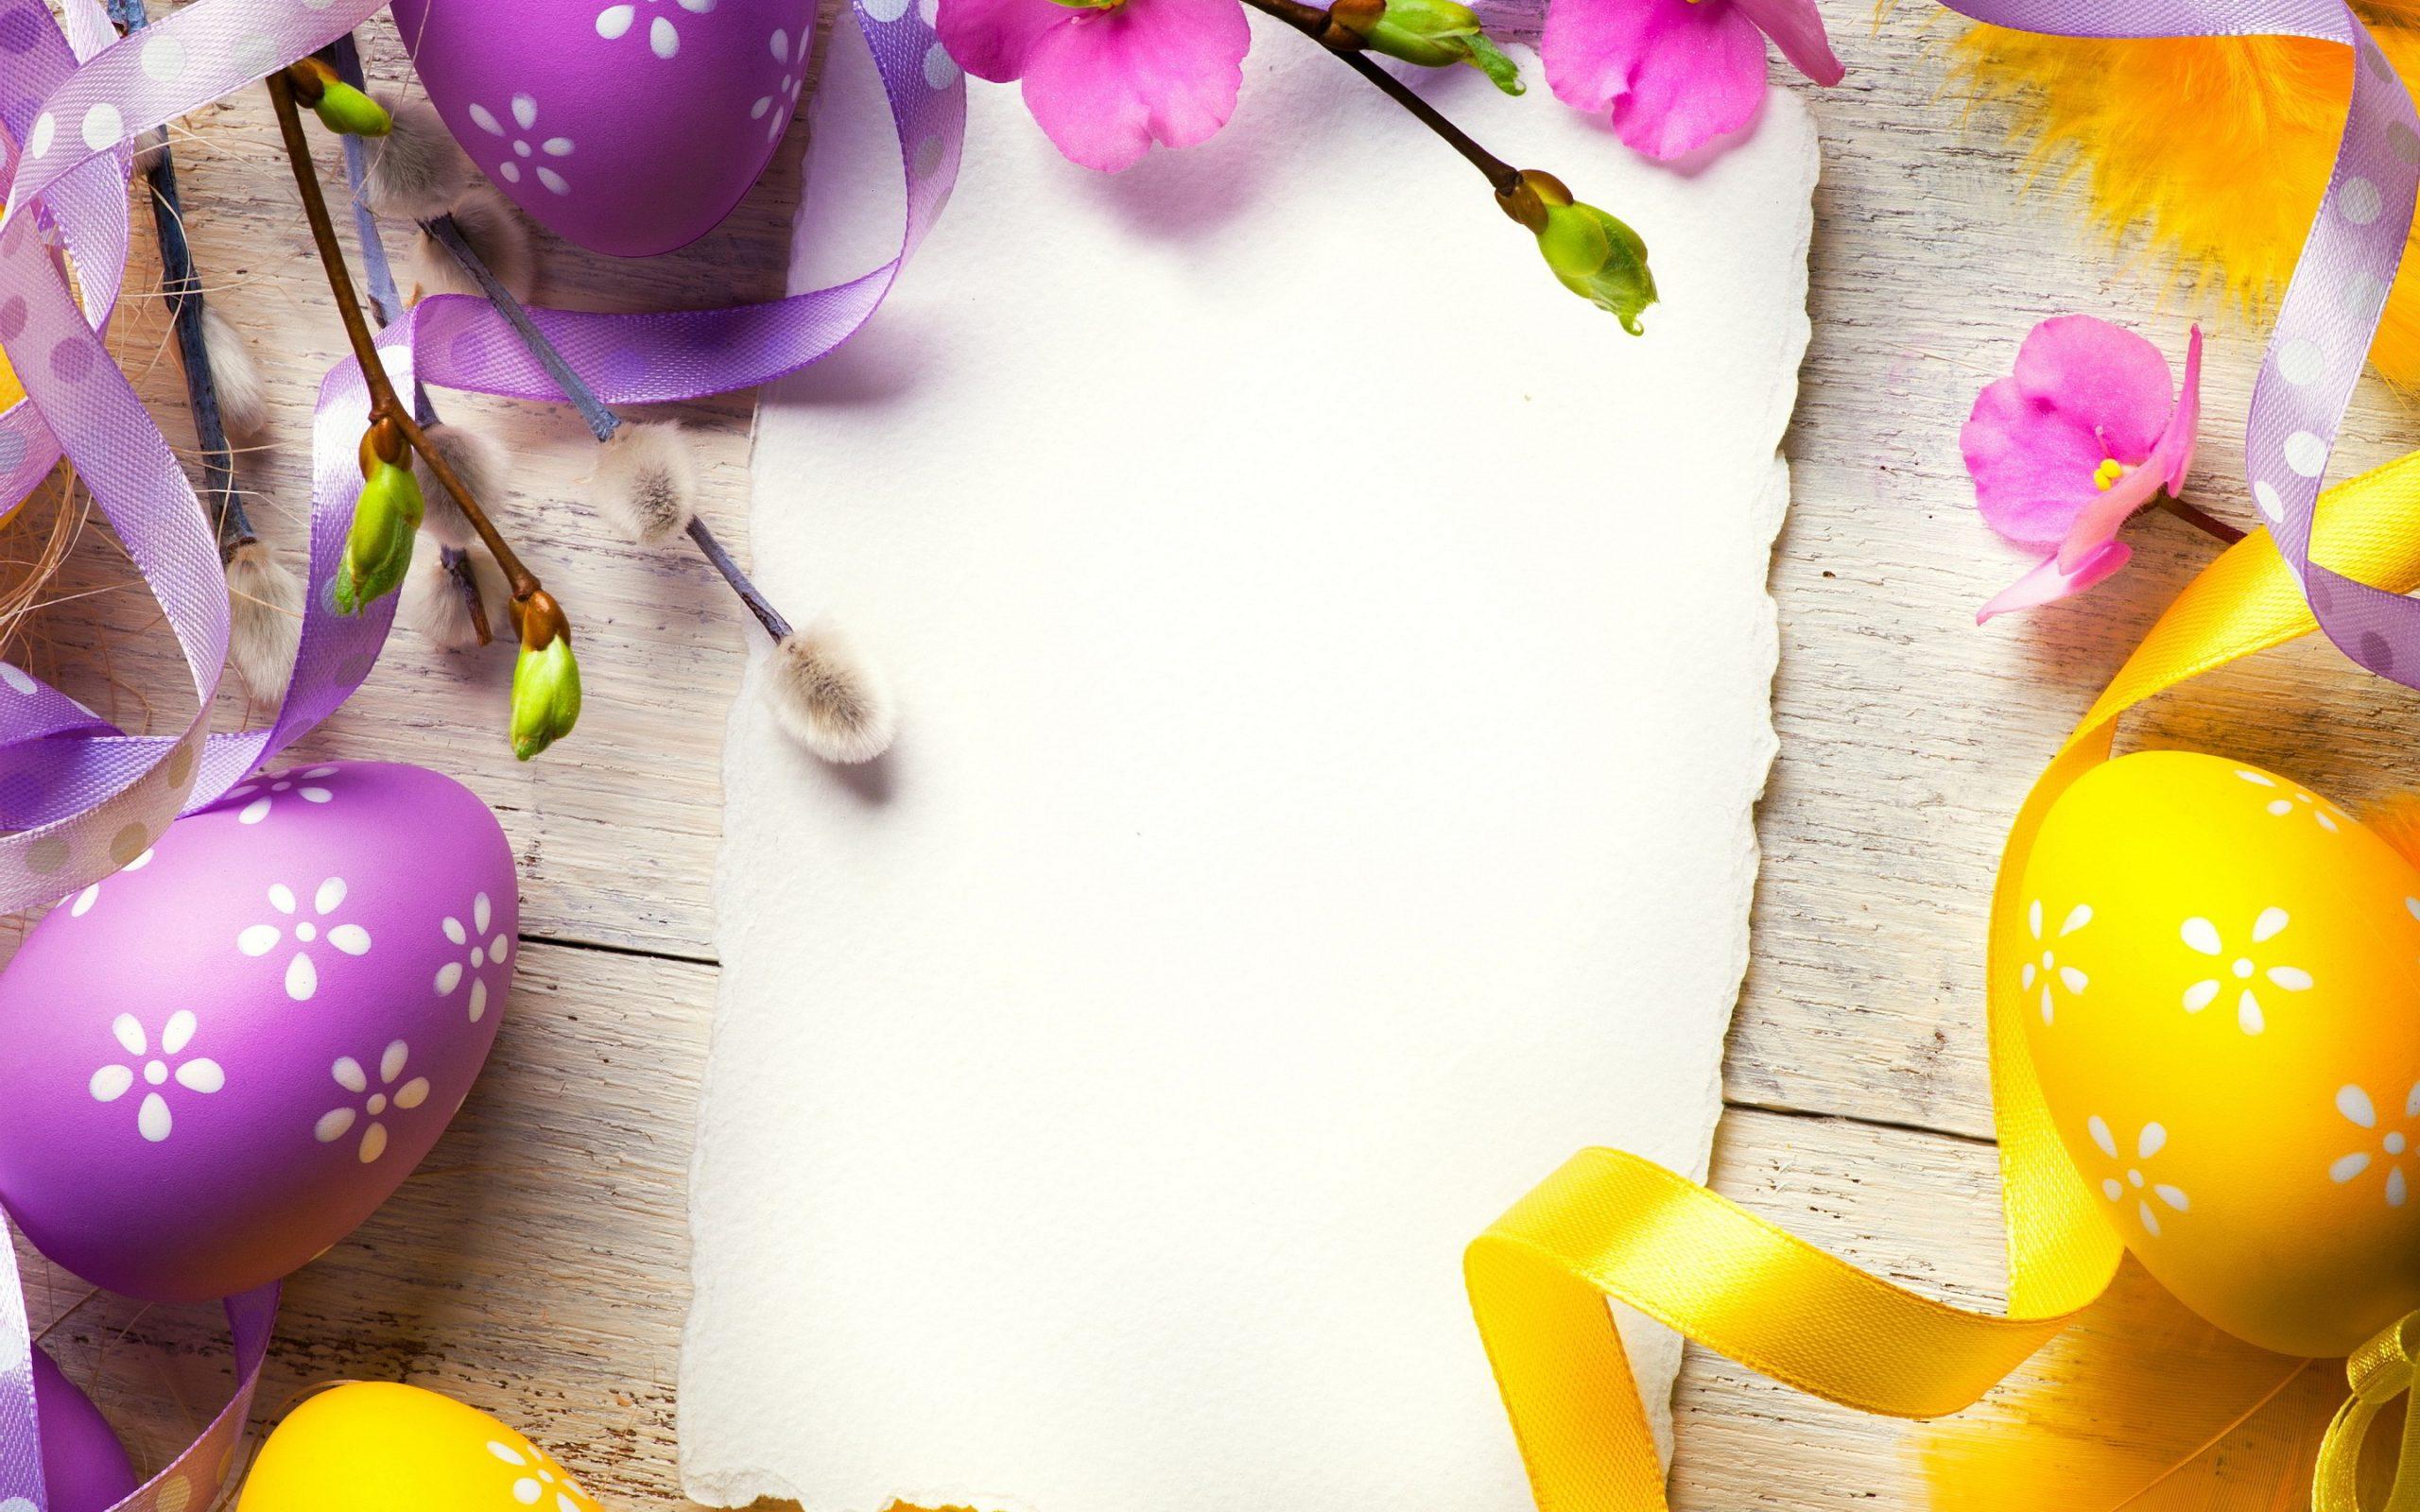 Easter Background Image For April 2020 Digital Signage